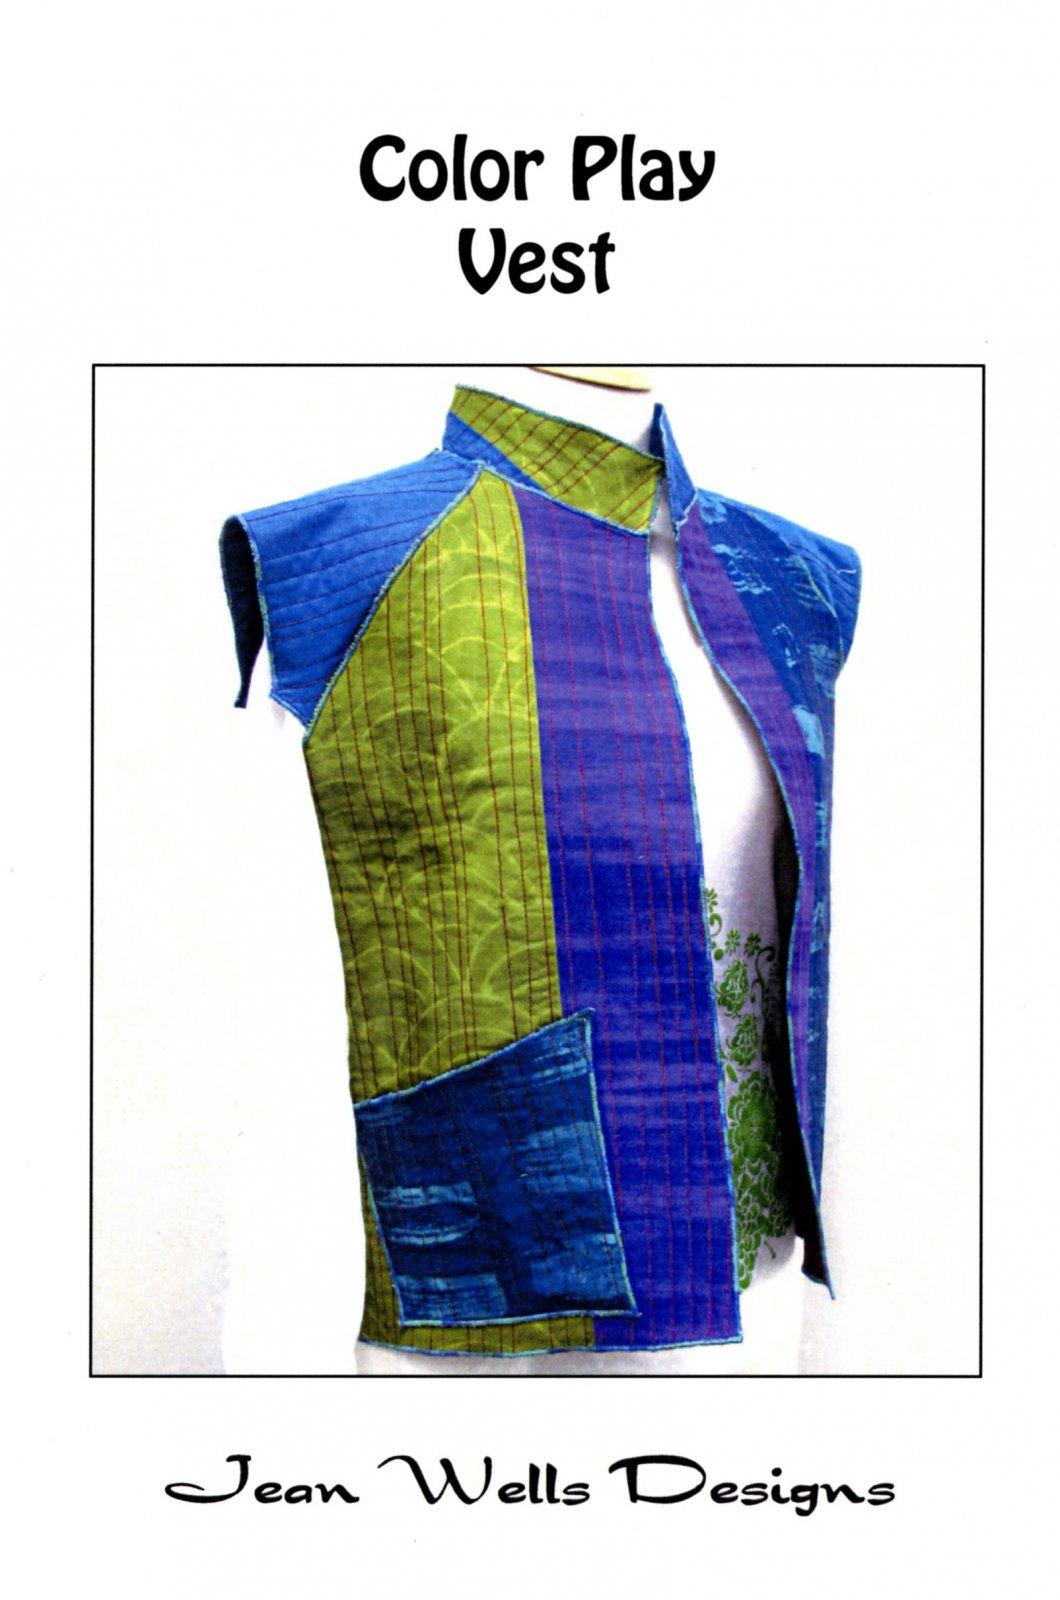 Color Play Vest